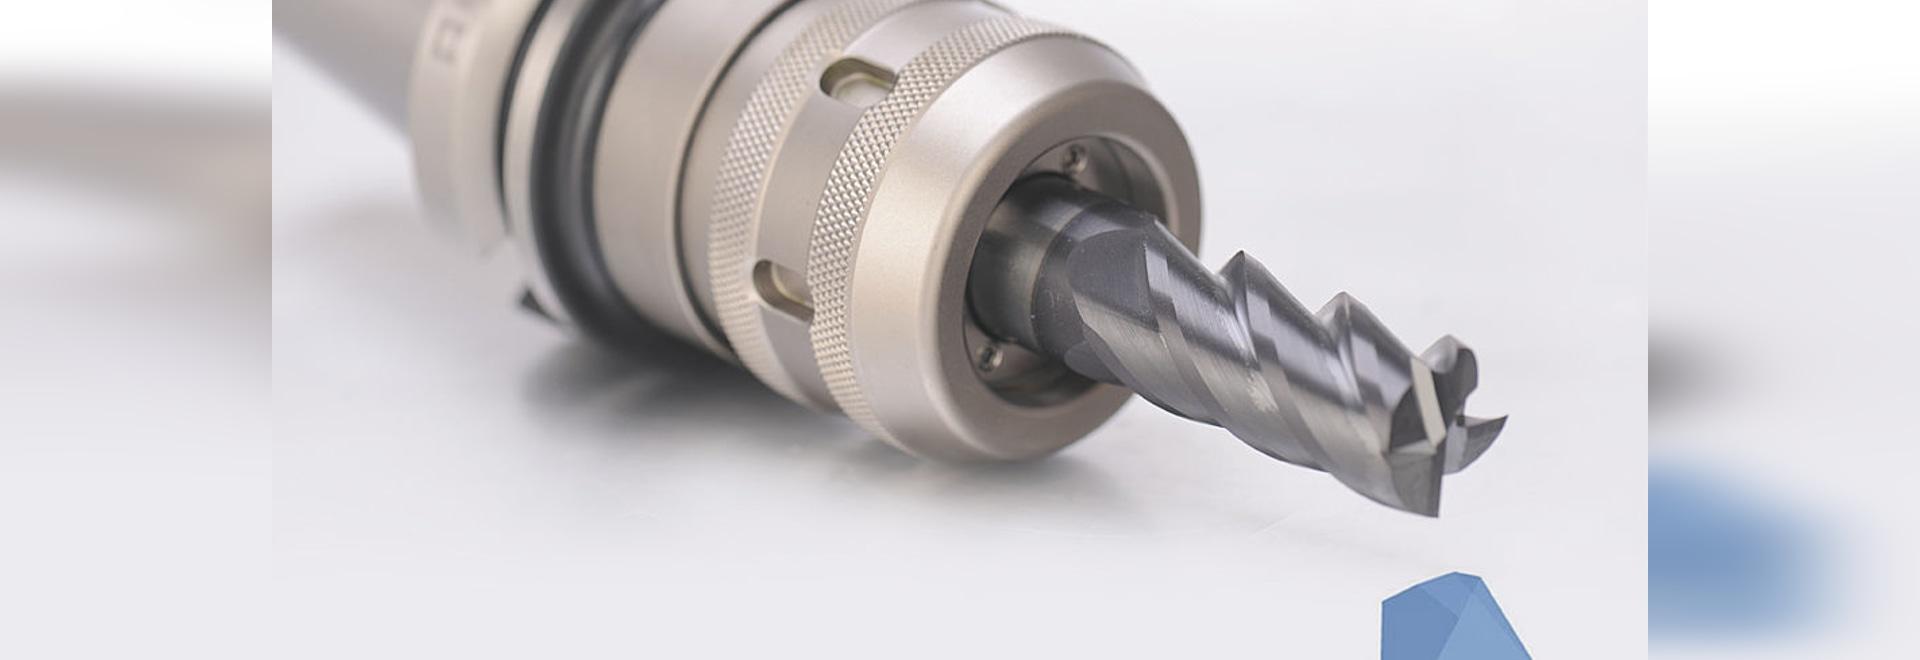 Actionnez le mandrin/avec le ø droit de bague 20-42 millimètres | BT30, BT40, BT50 | Série de BT-MLC